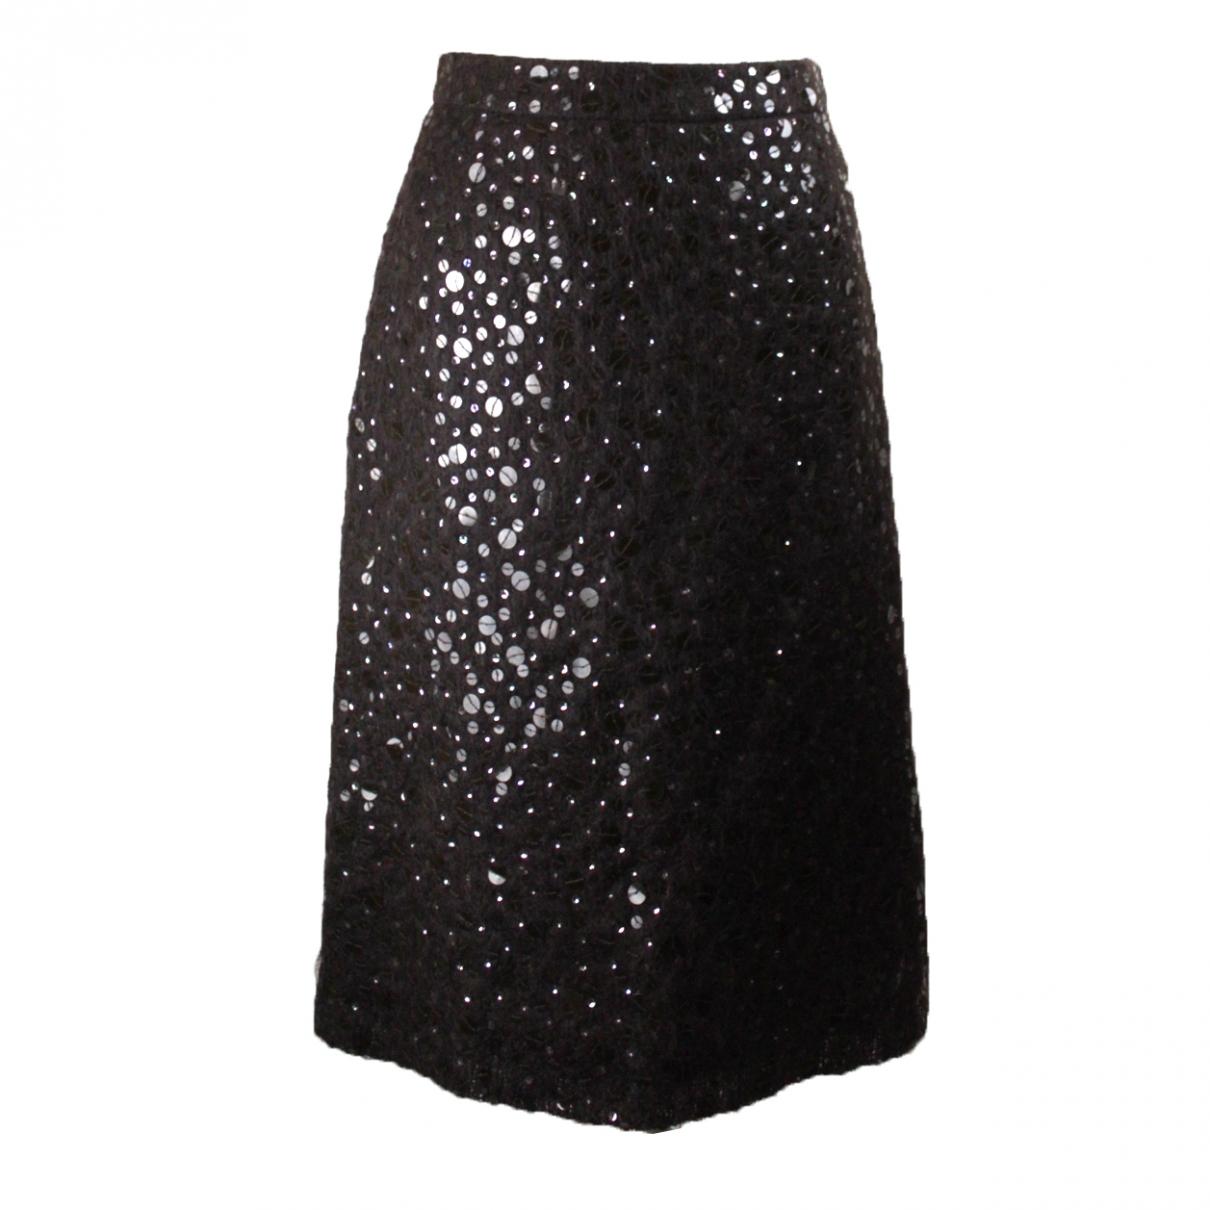 Andrew Gn \N Brown Wool skirt for Women M International